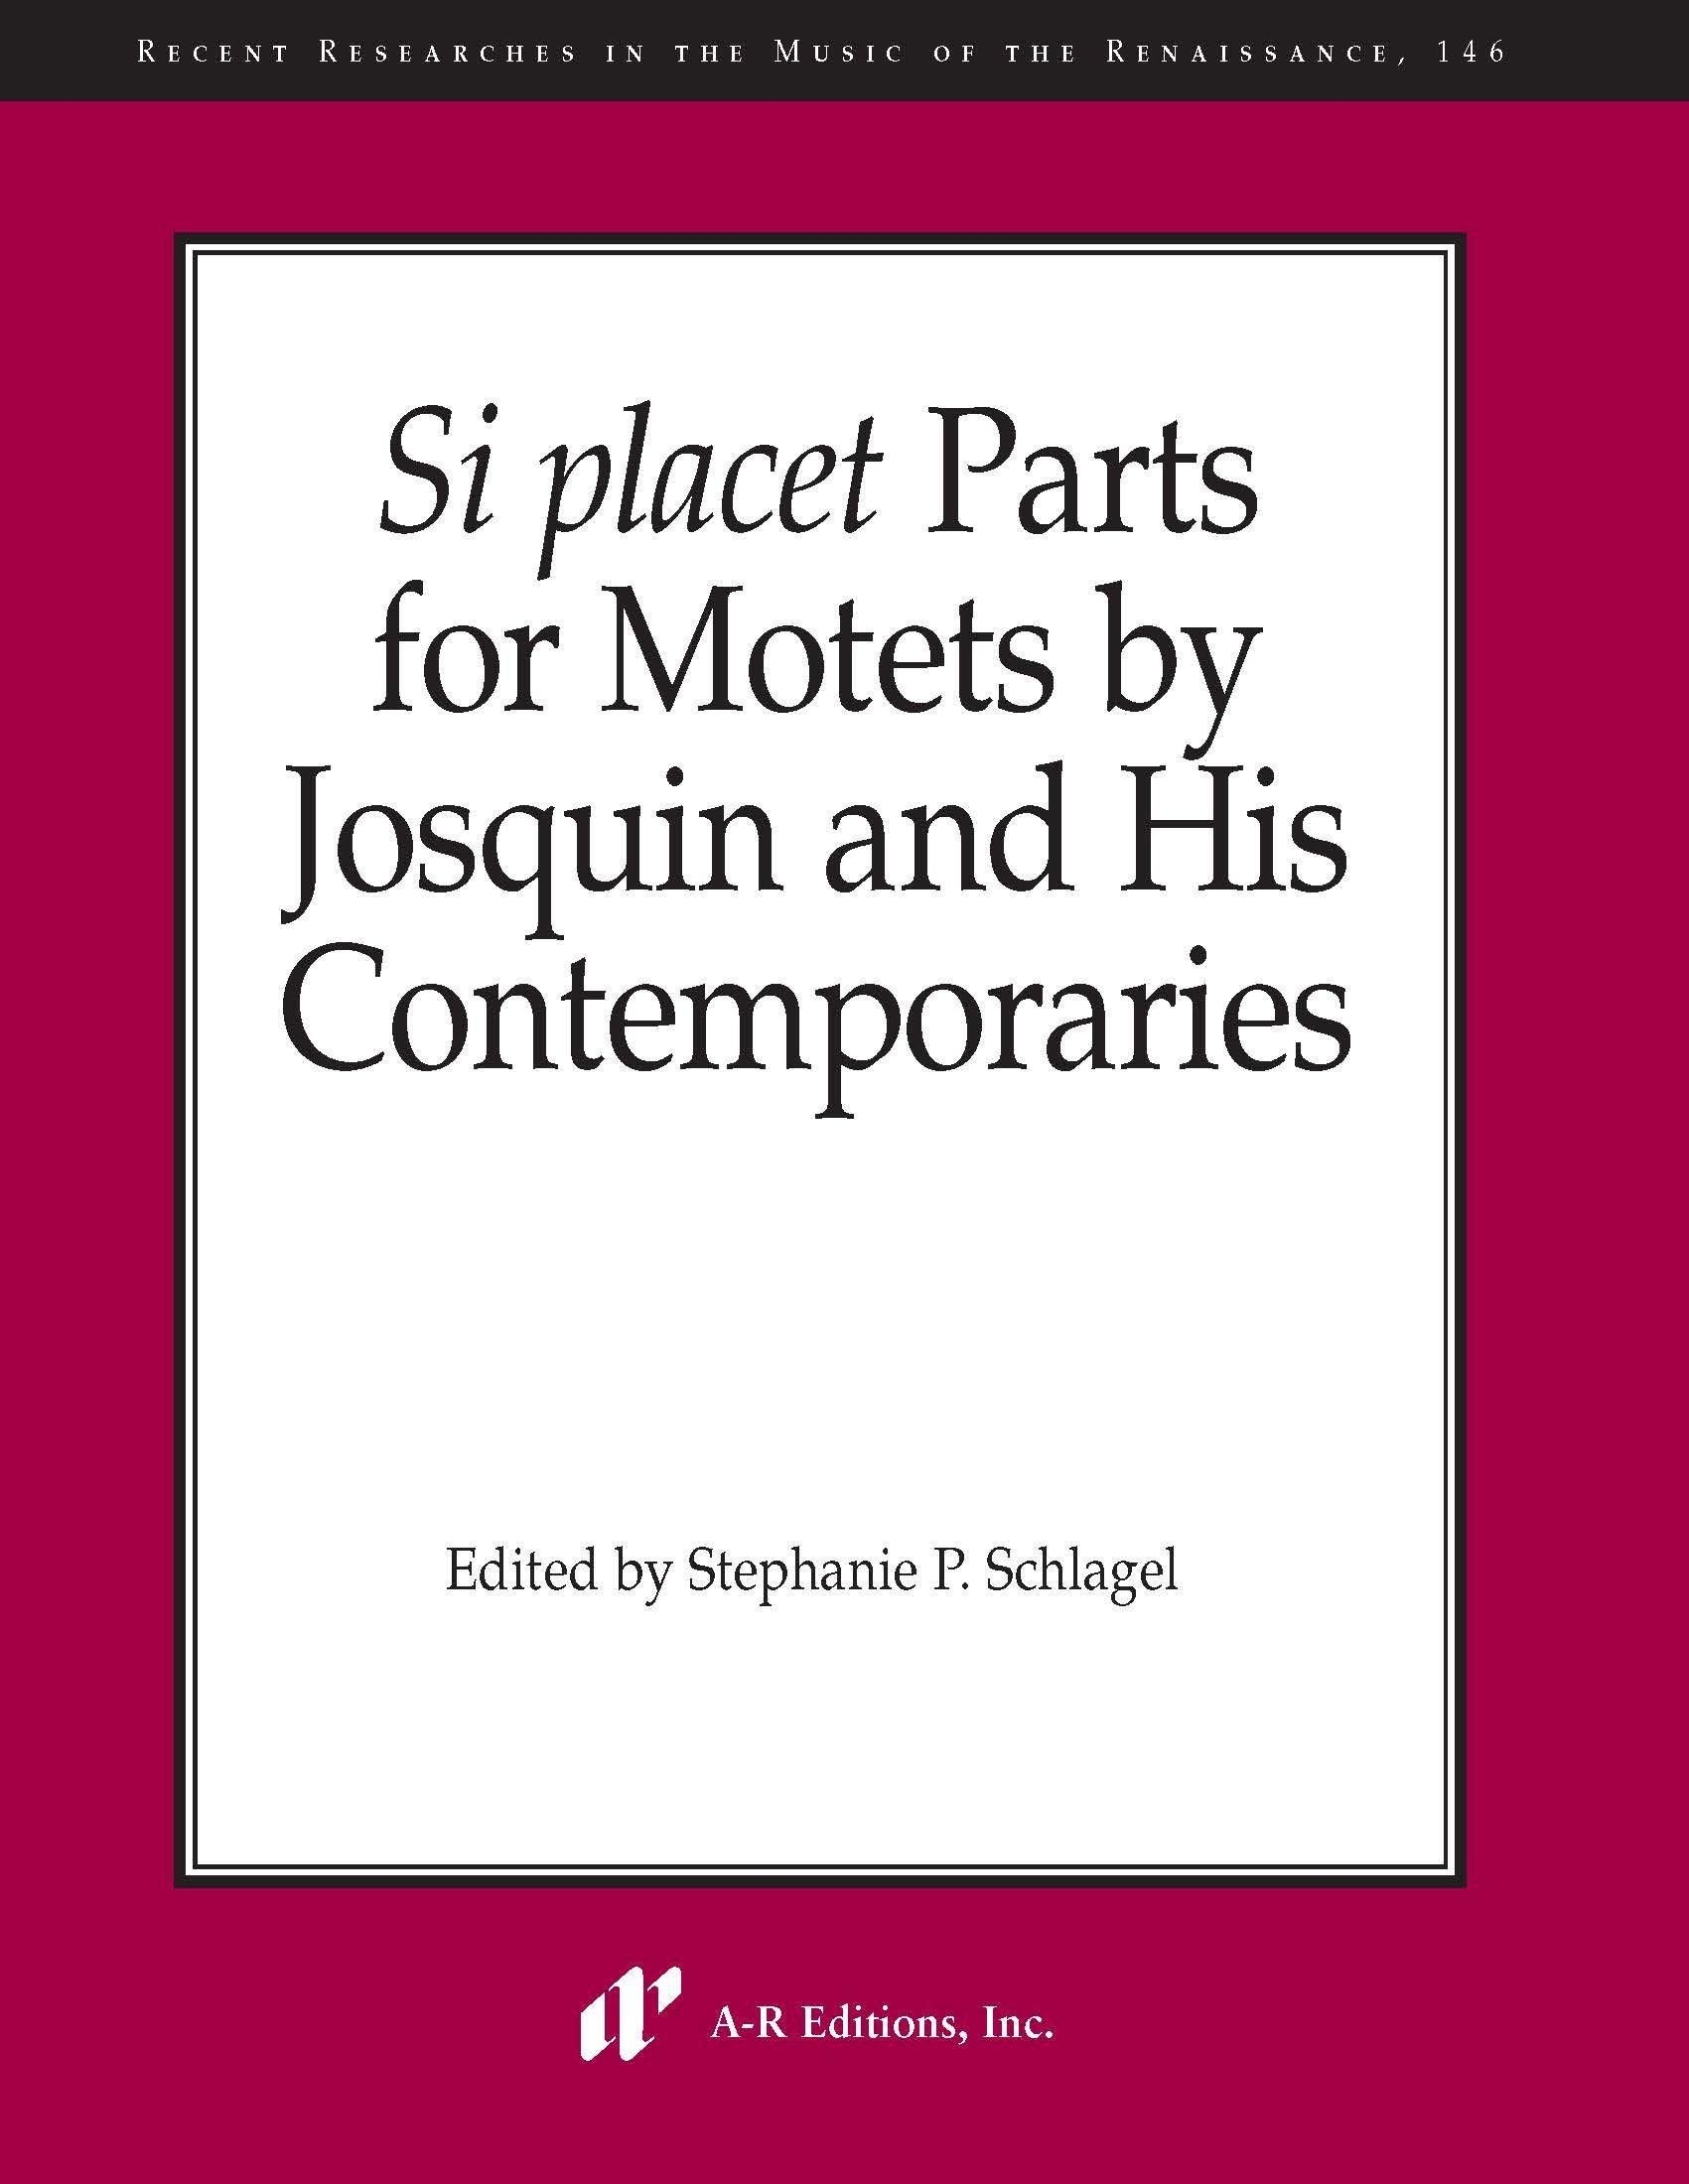 Si placet Parts for Motets by Josquin et al.